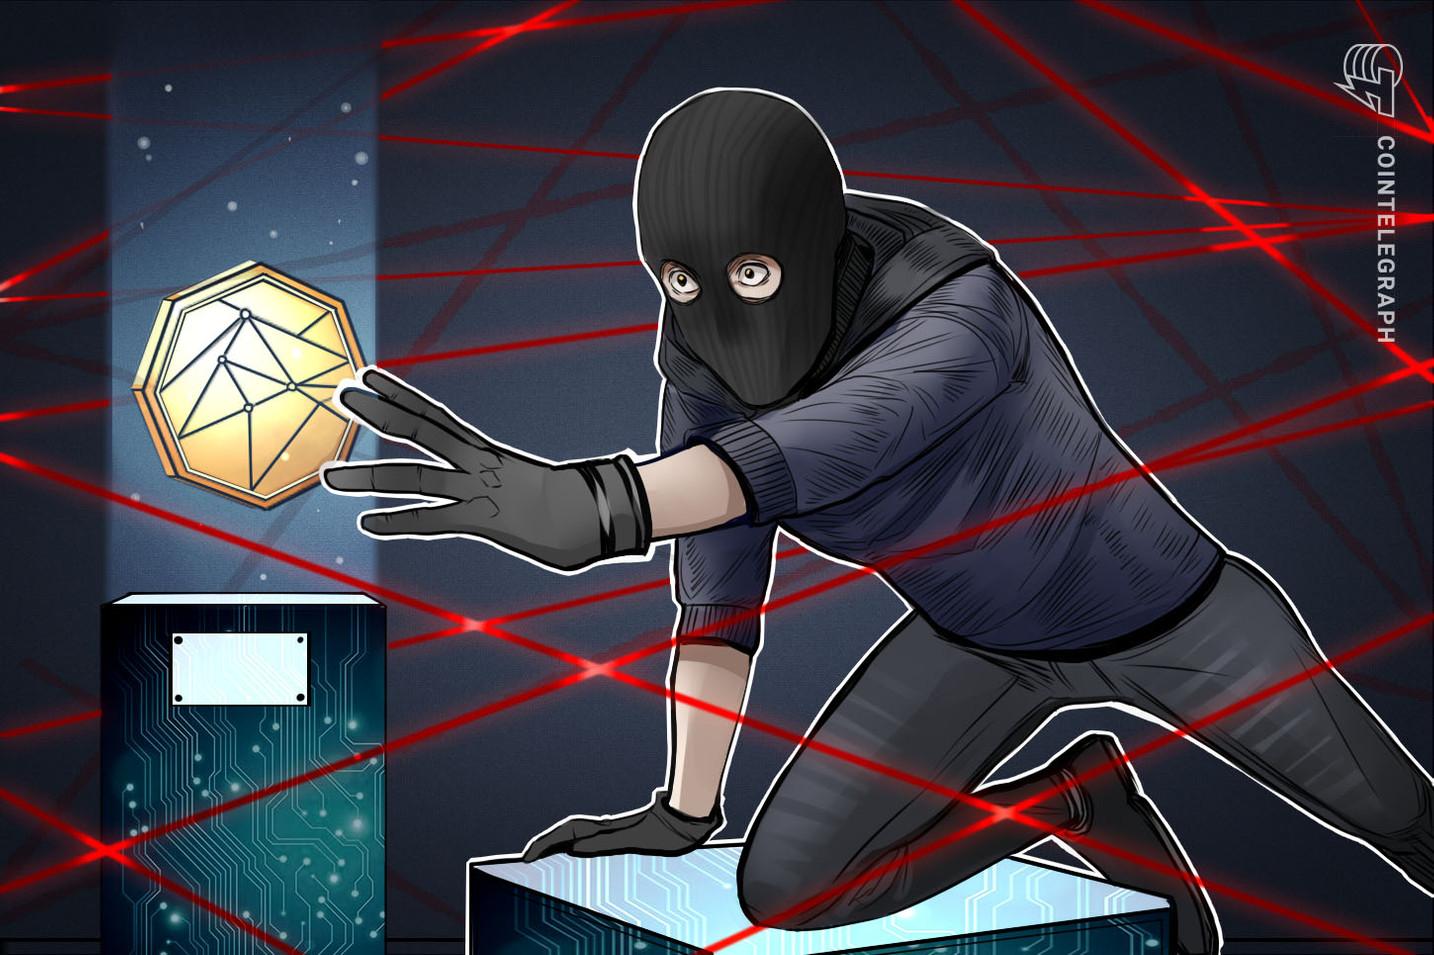 Novo relatório mostra que US$ 9.8 bilhões foram roubados em criptomoedas desde 2017